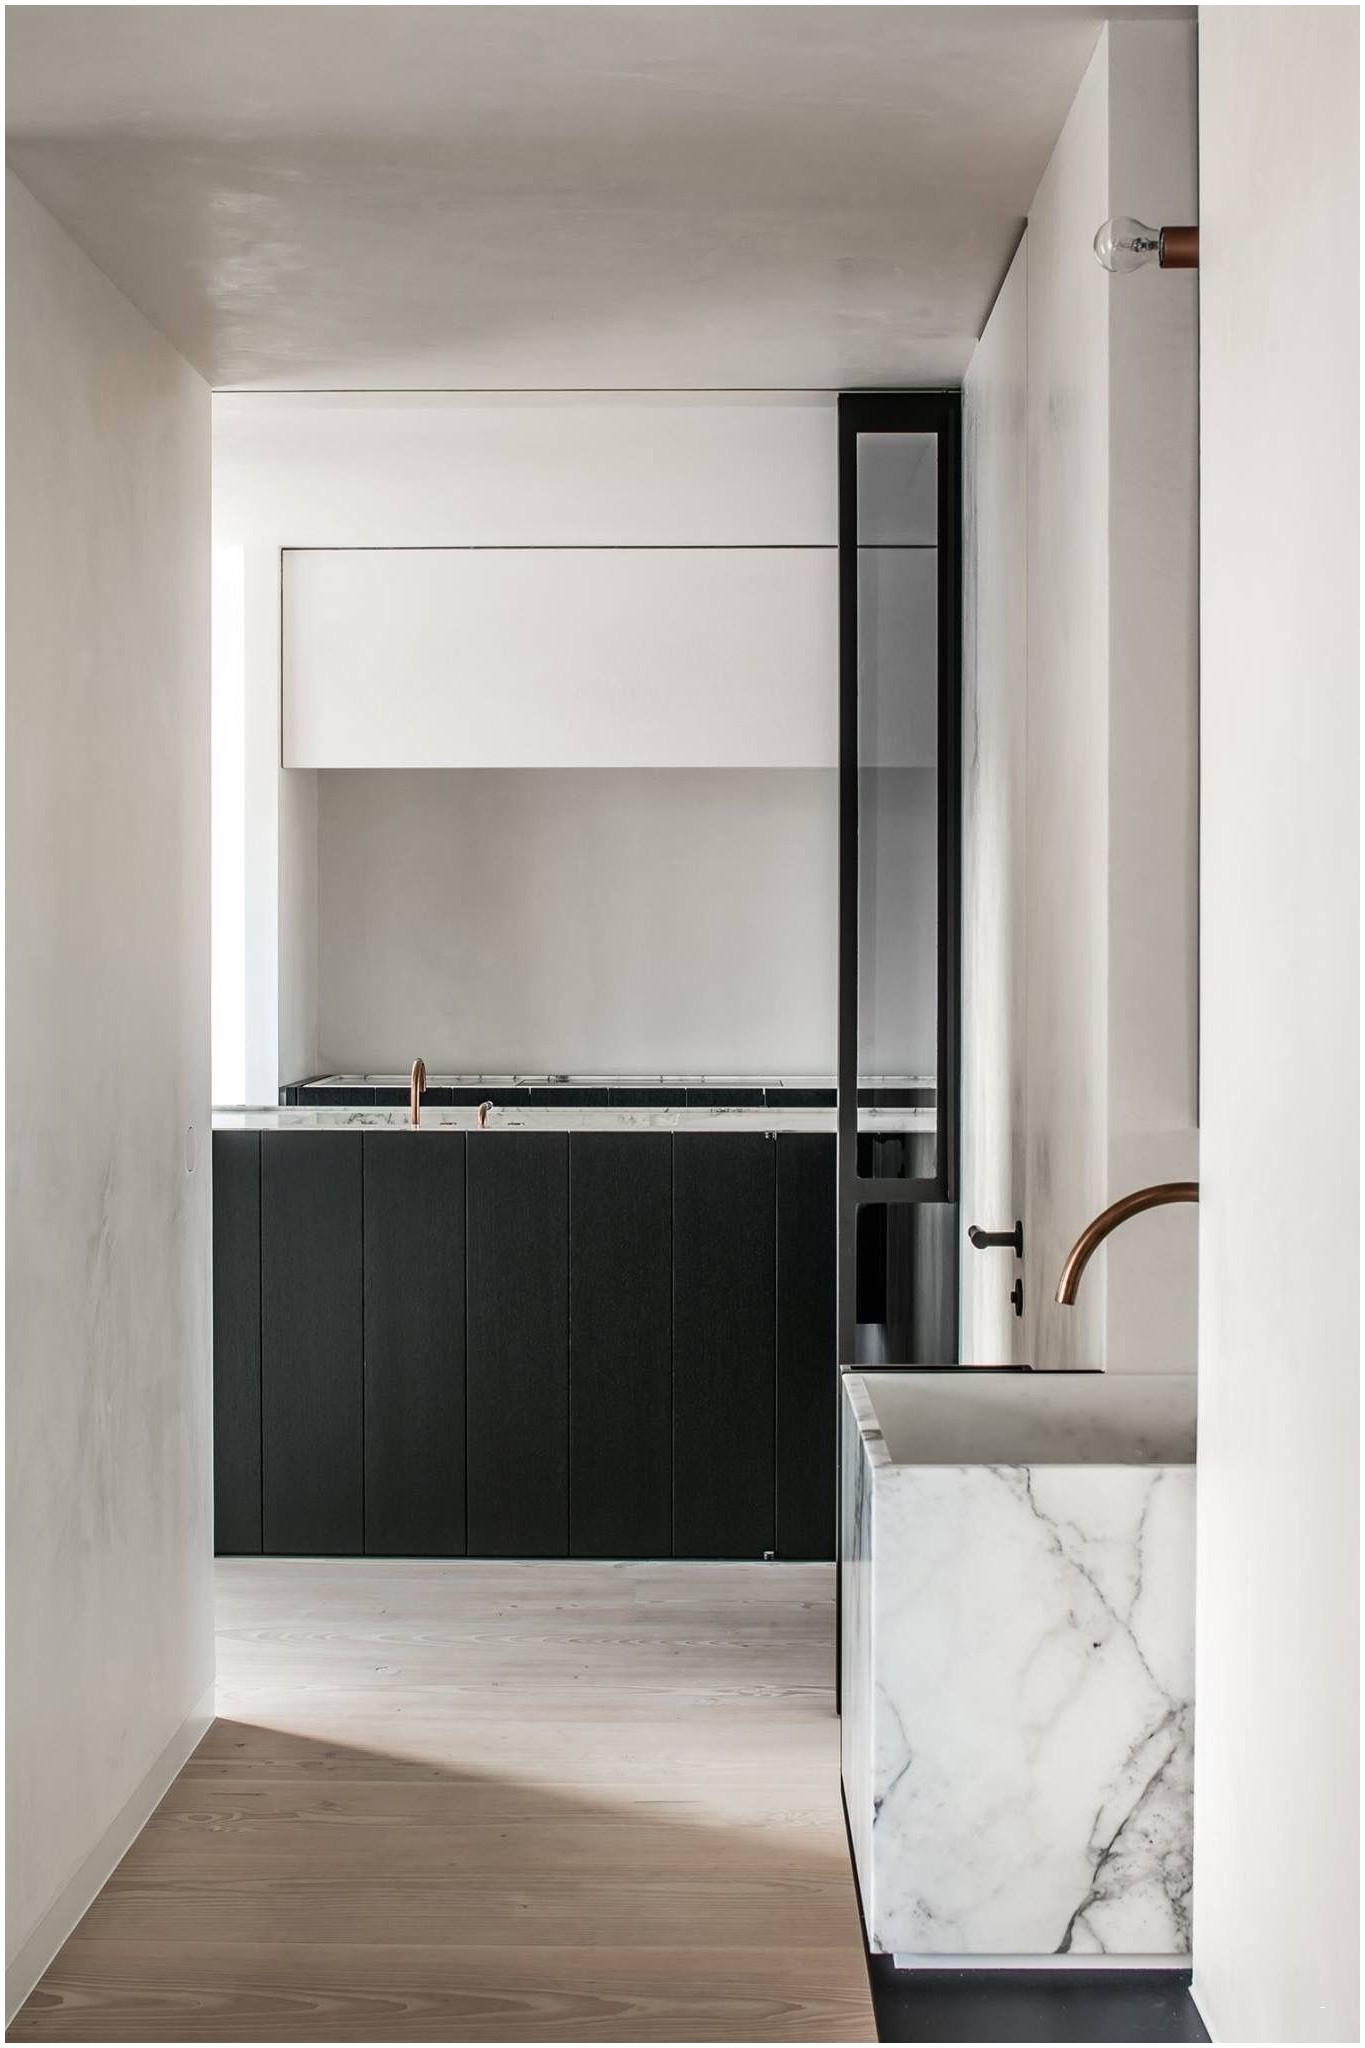 Interieur Maison De Luxe Cuisine Luxe Stock Inspirer 40 De Interieur Maison Design Concept